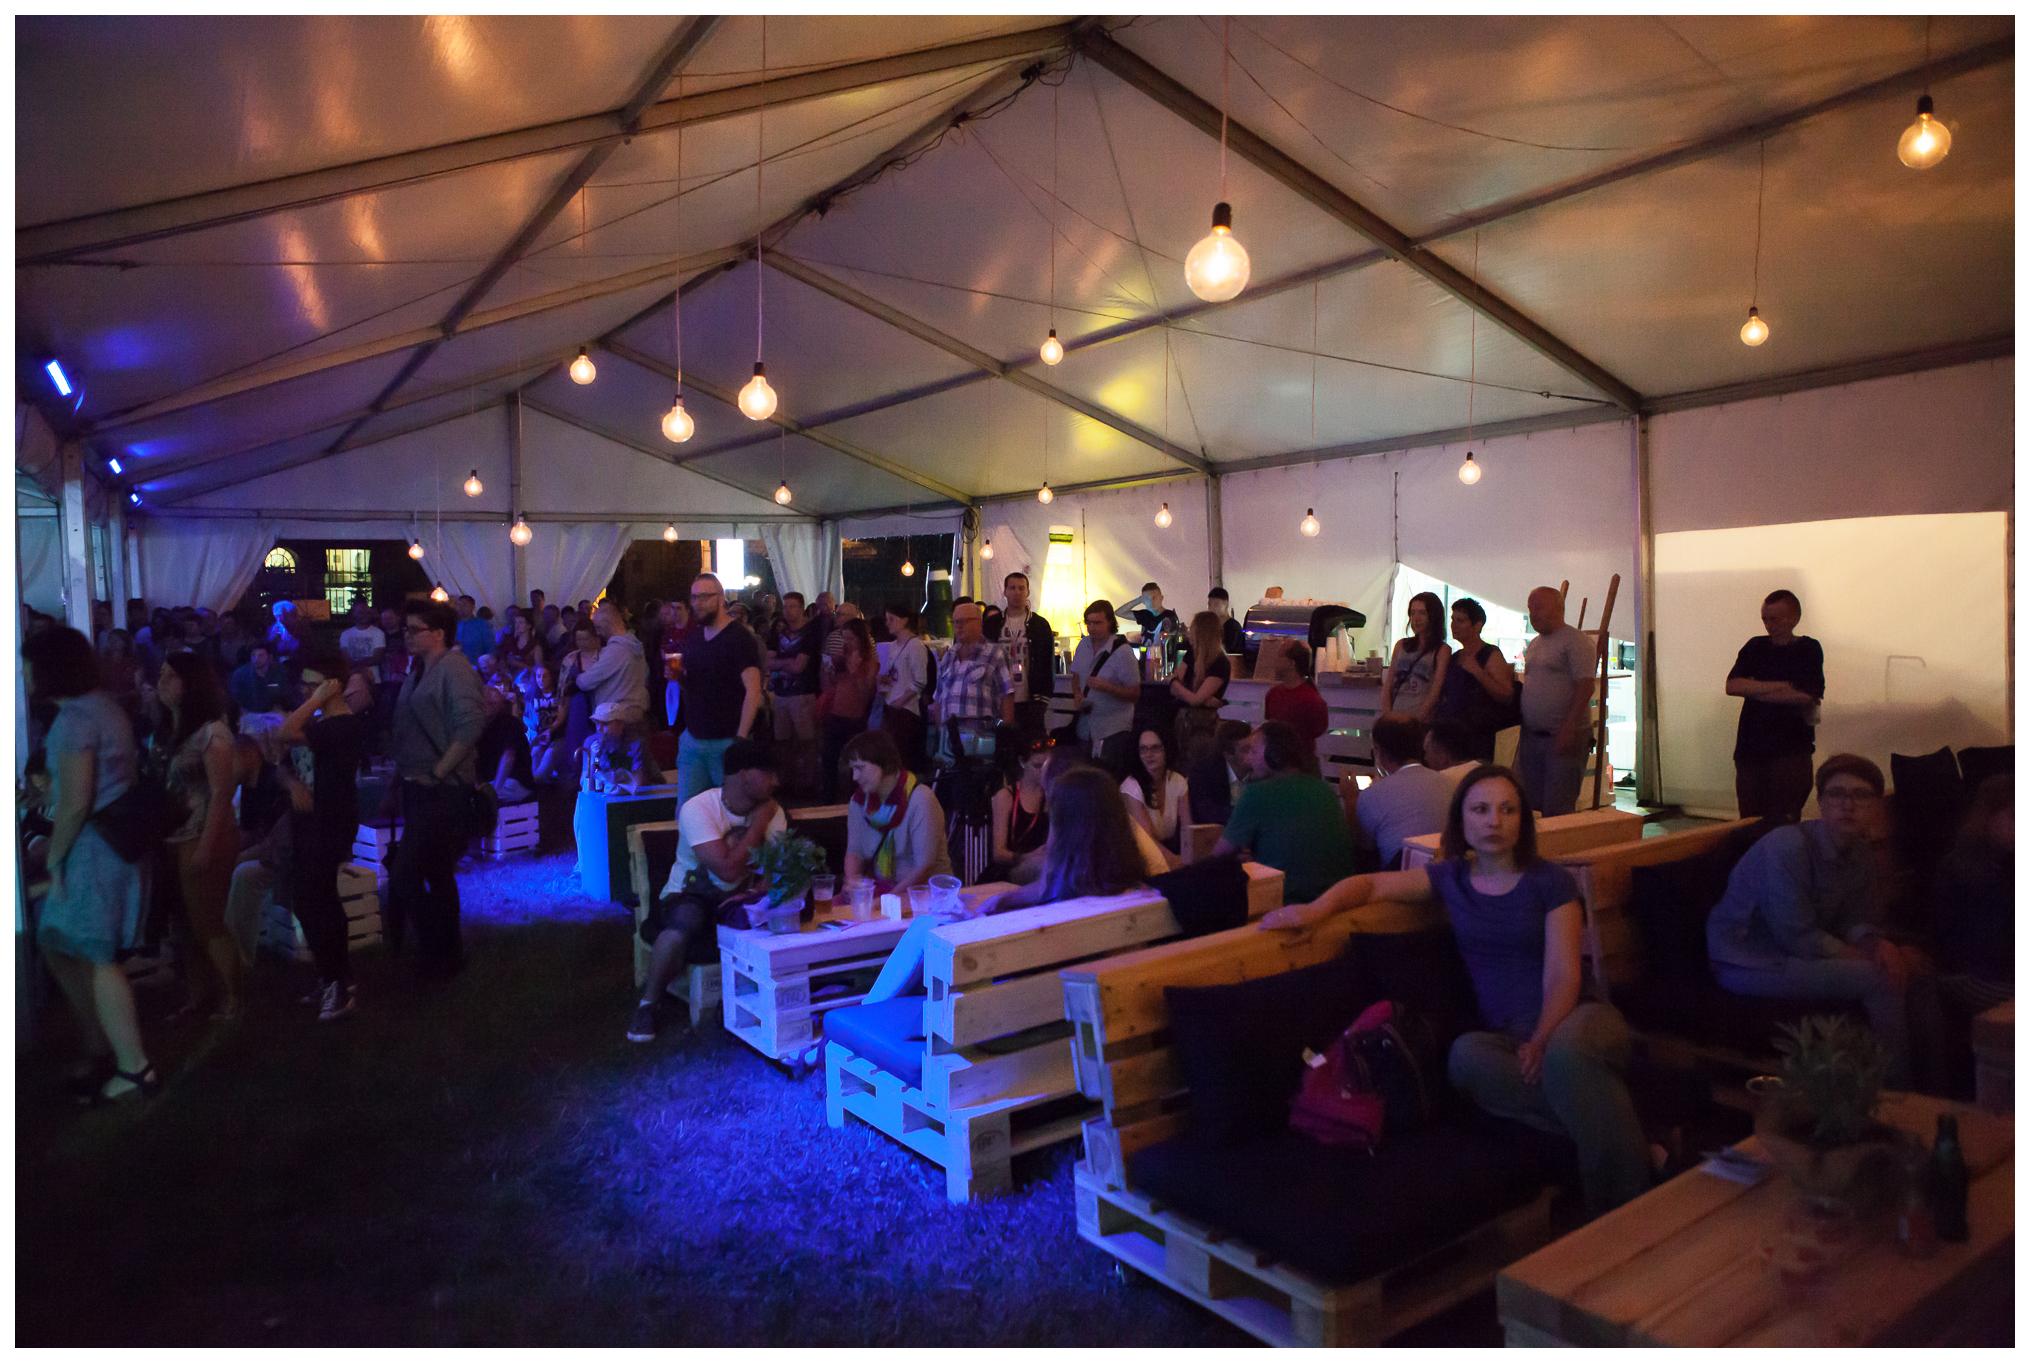 Zdjęcie klubu festiwalowego oraz zgromadzonych uczestników wydarzeń muzycznych.